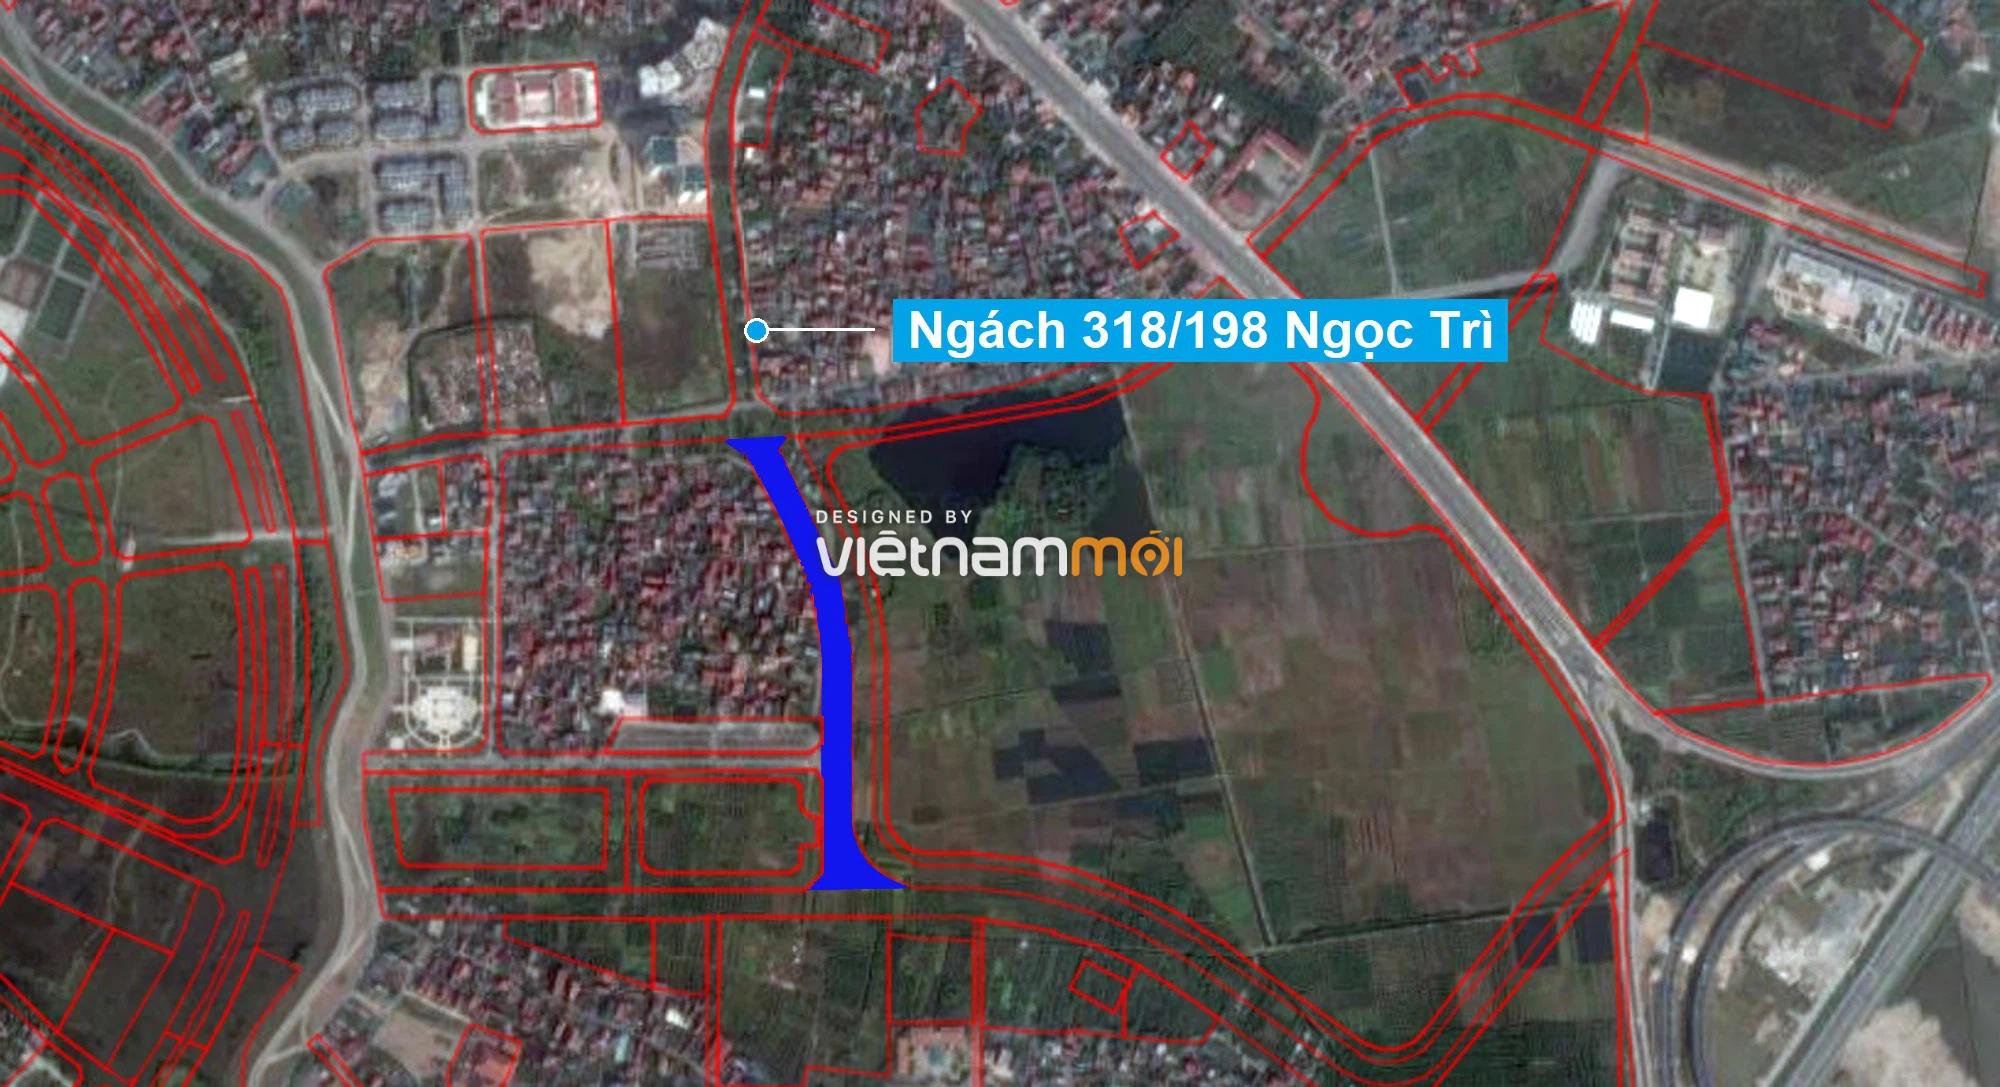 Những khu đất sắp thu hồi để mở đường ở phường Thạch Bàn, Long Biên, Hà Nội (phần 7) - Ảnh 9.